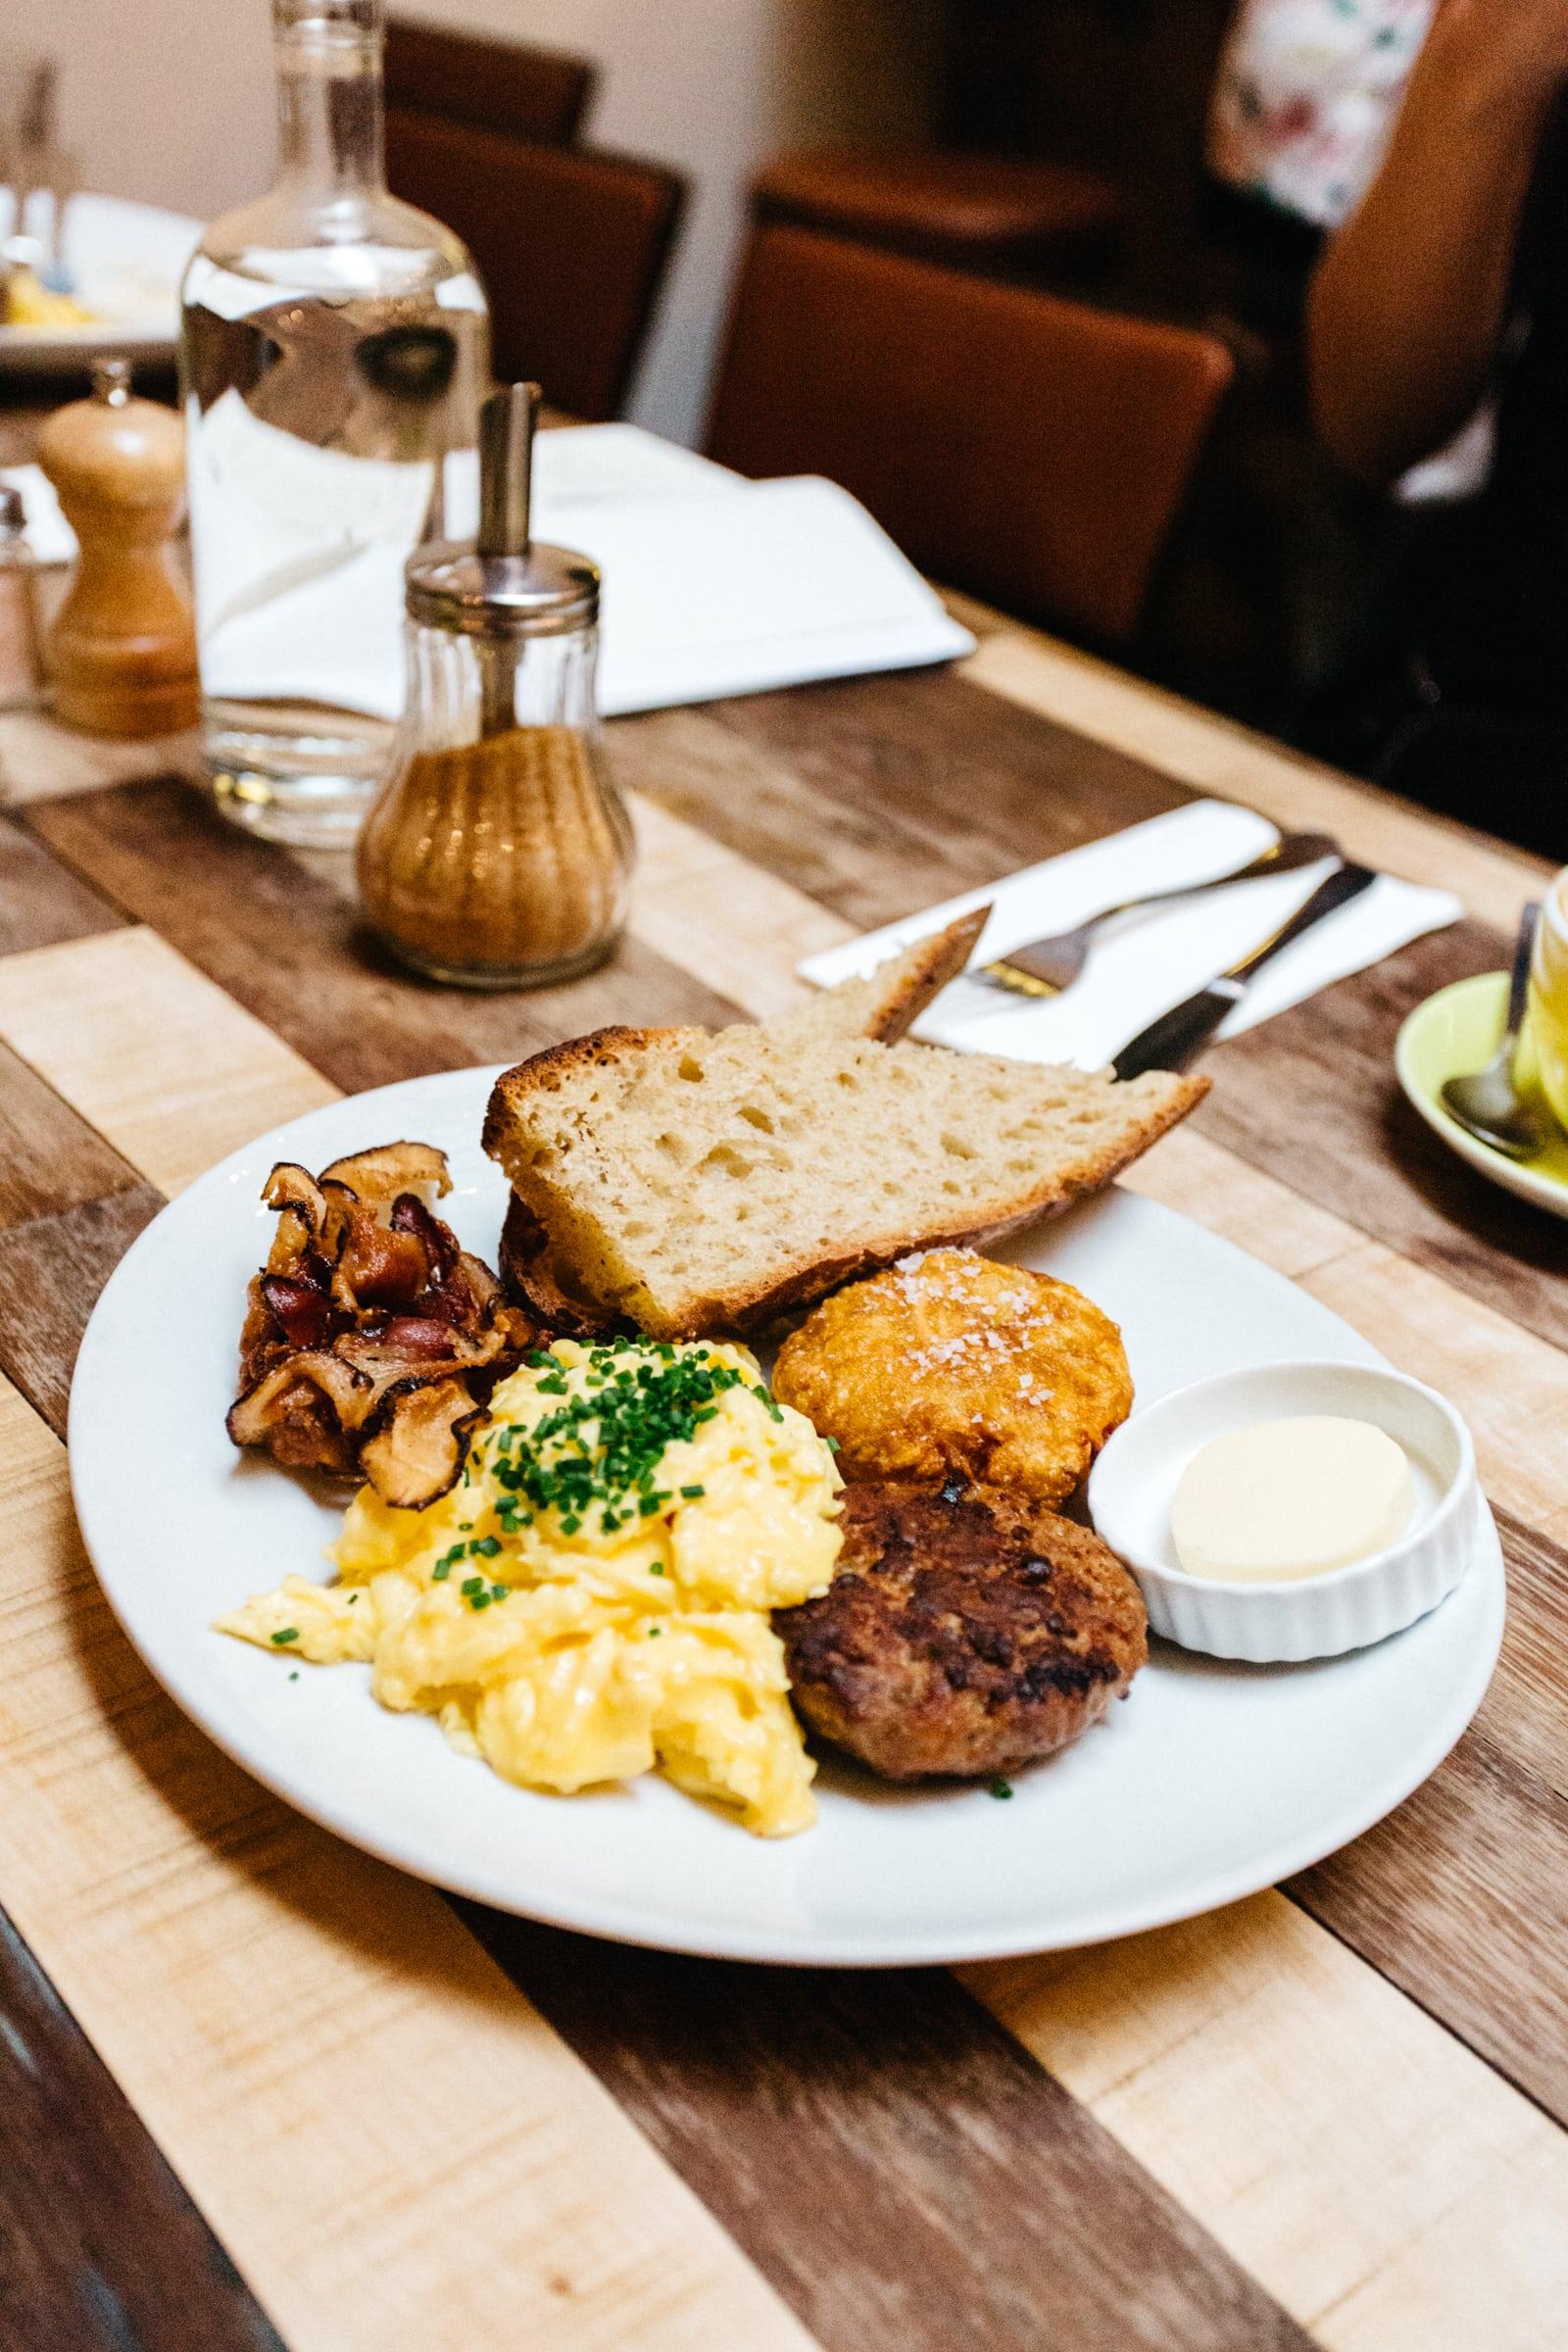 På Holybelly 5 beror maten på humöret, och kan vara allt från traditionellt franskt till klassiskt engelskt.